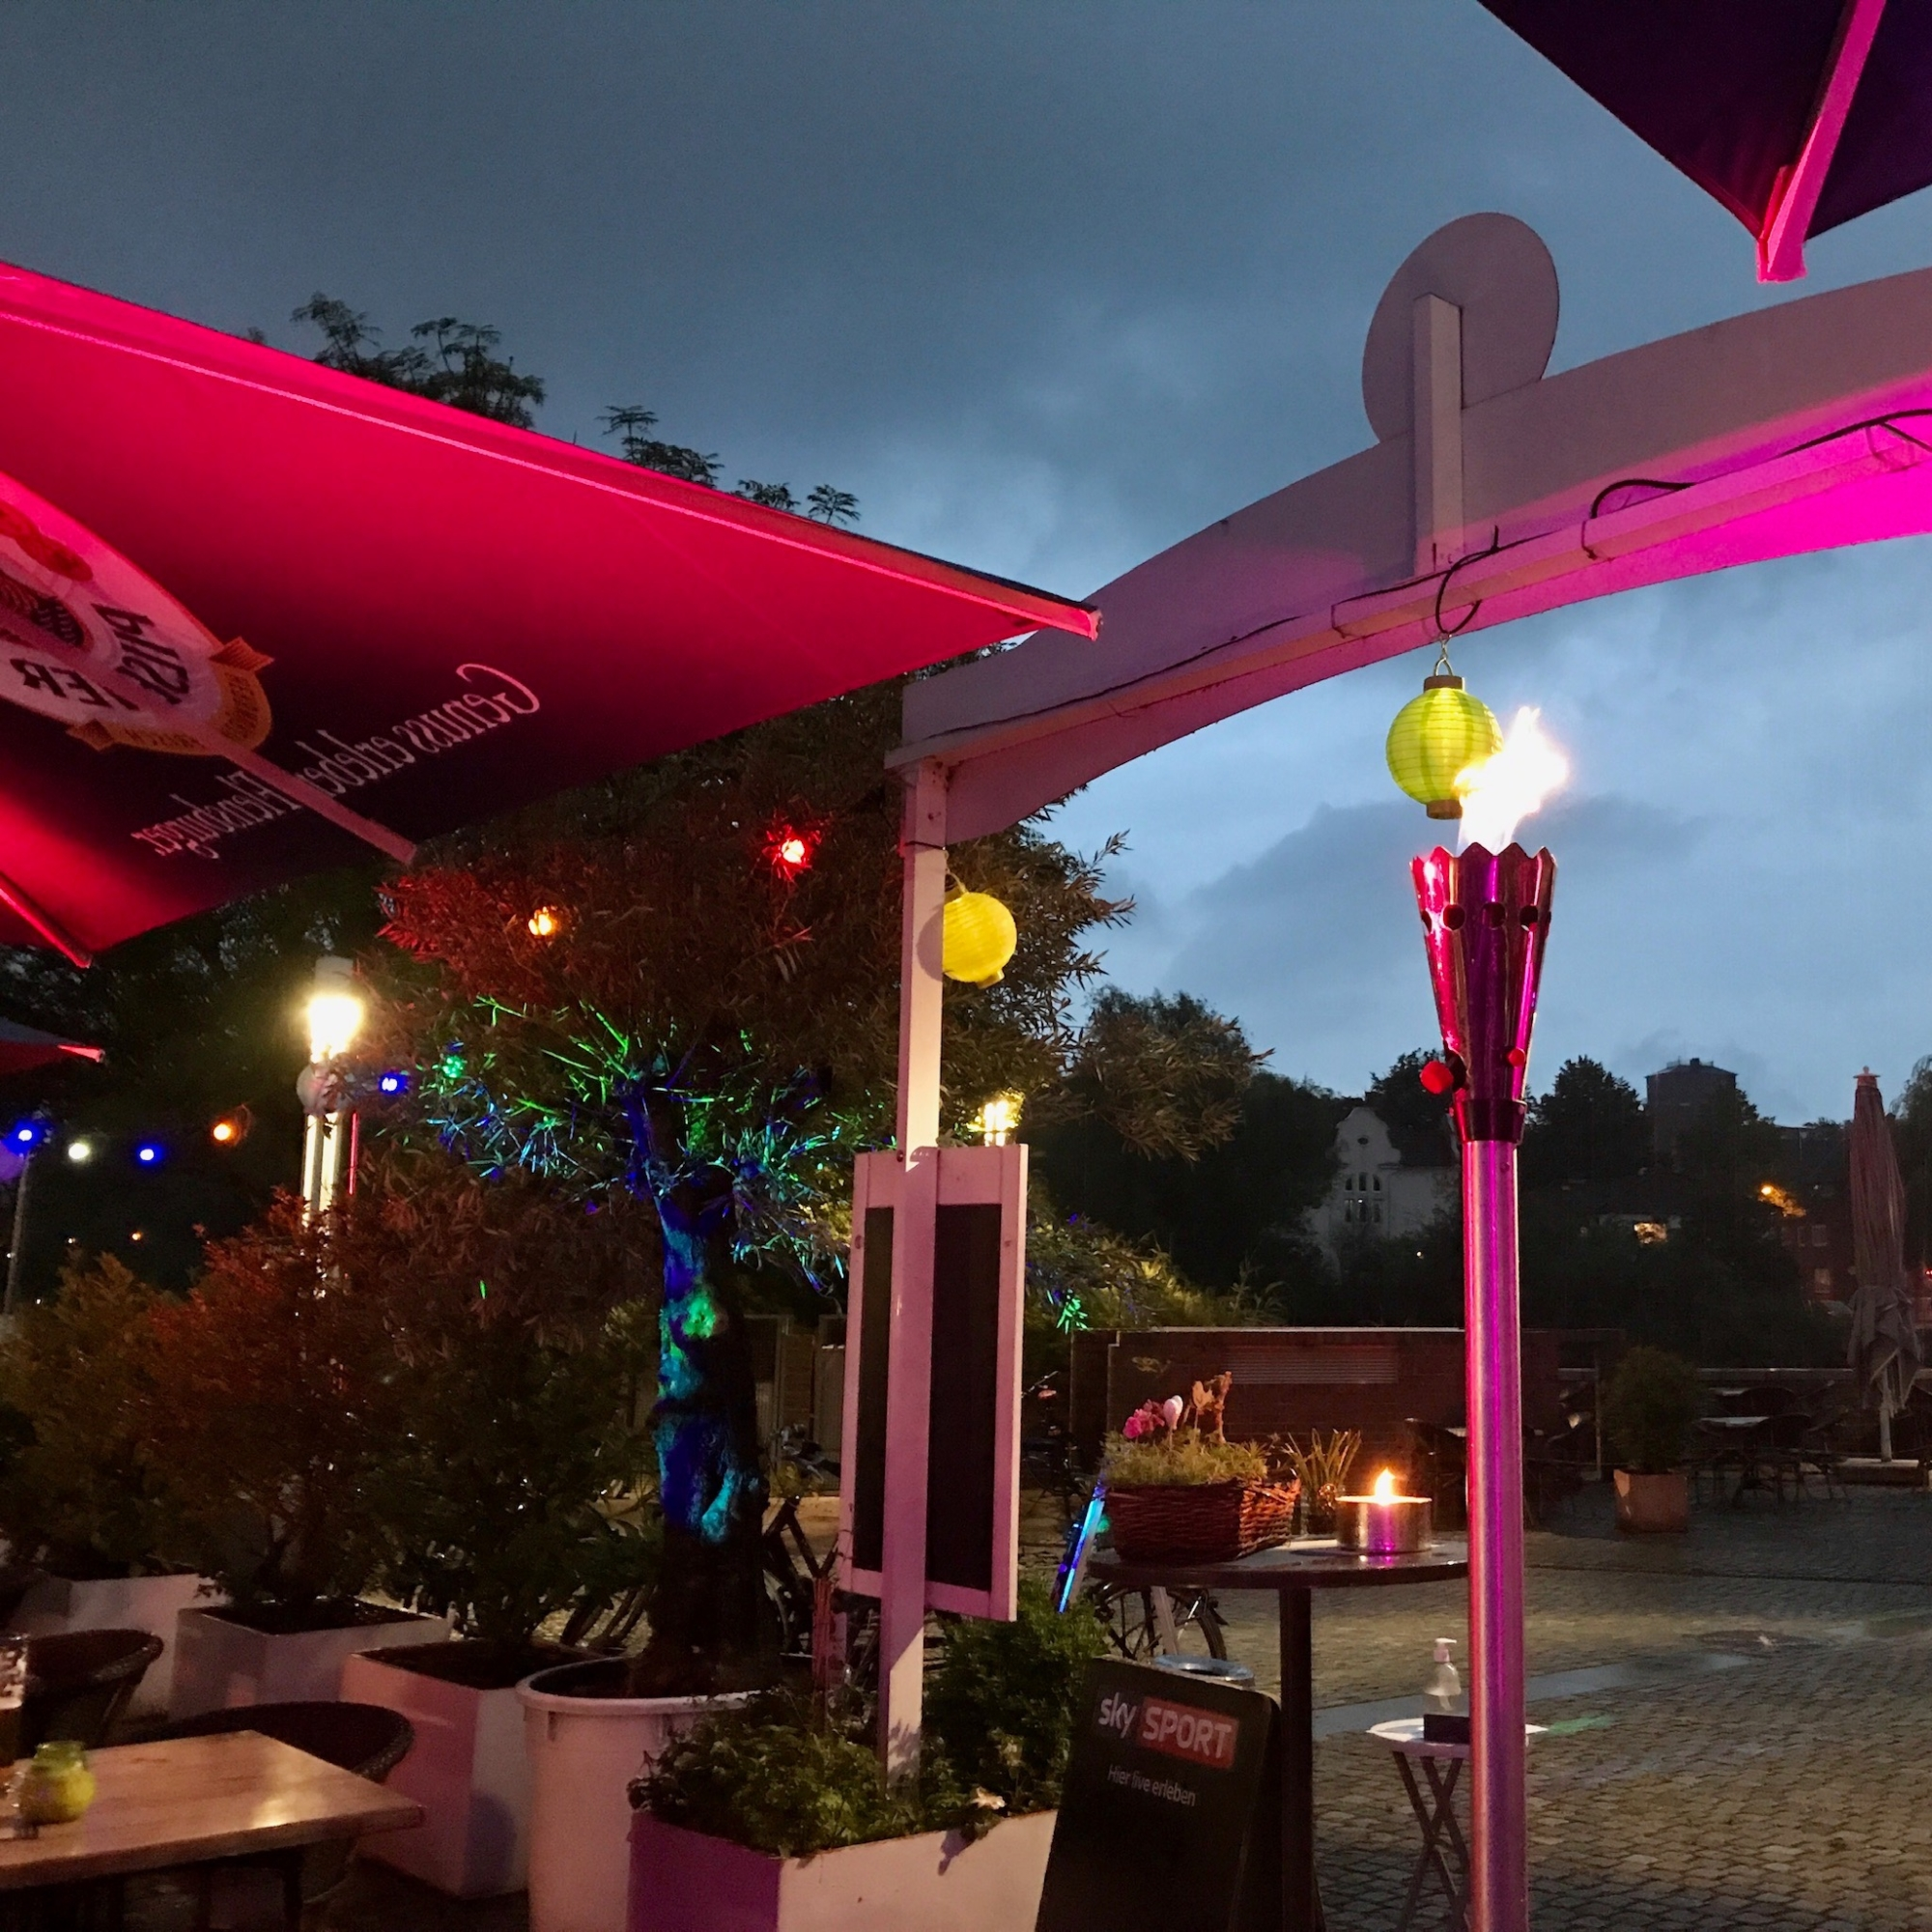 Restaurant-Wedel-Mühlenstein-Burger-Pizza-Brunch-Afterwork Außenansicht mit Fakeln